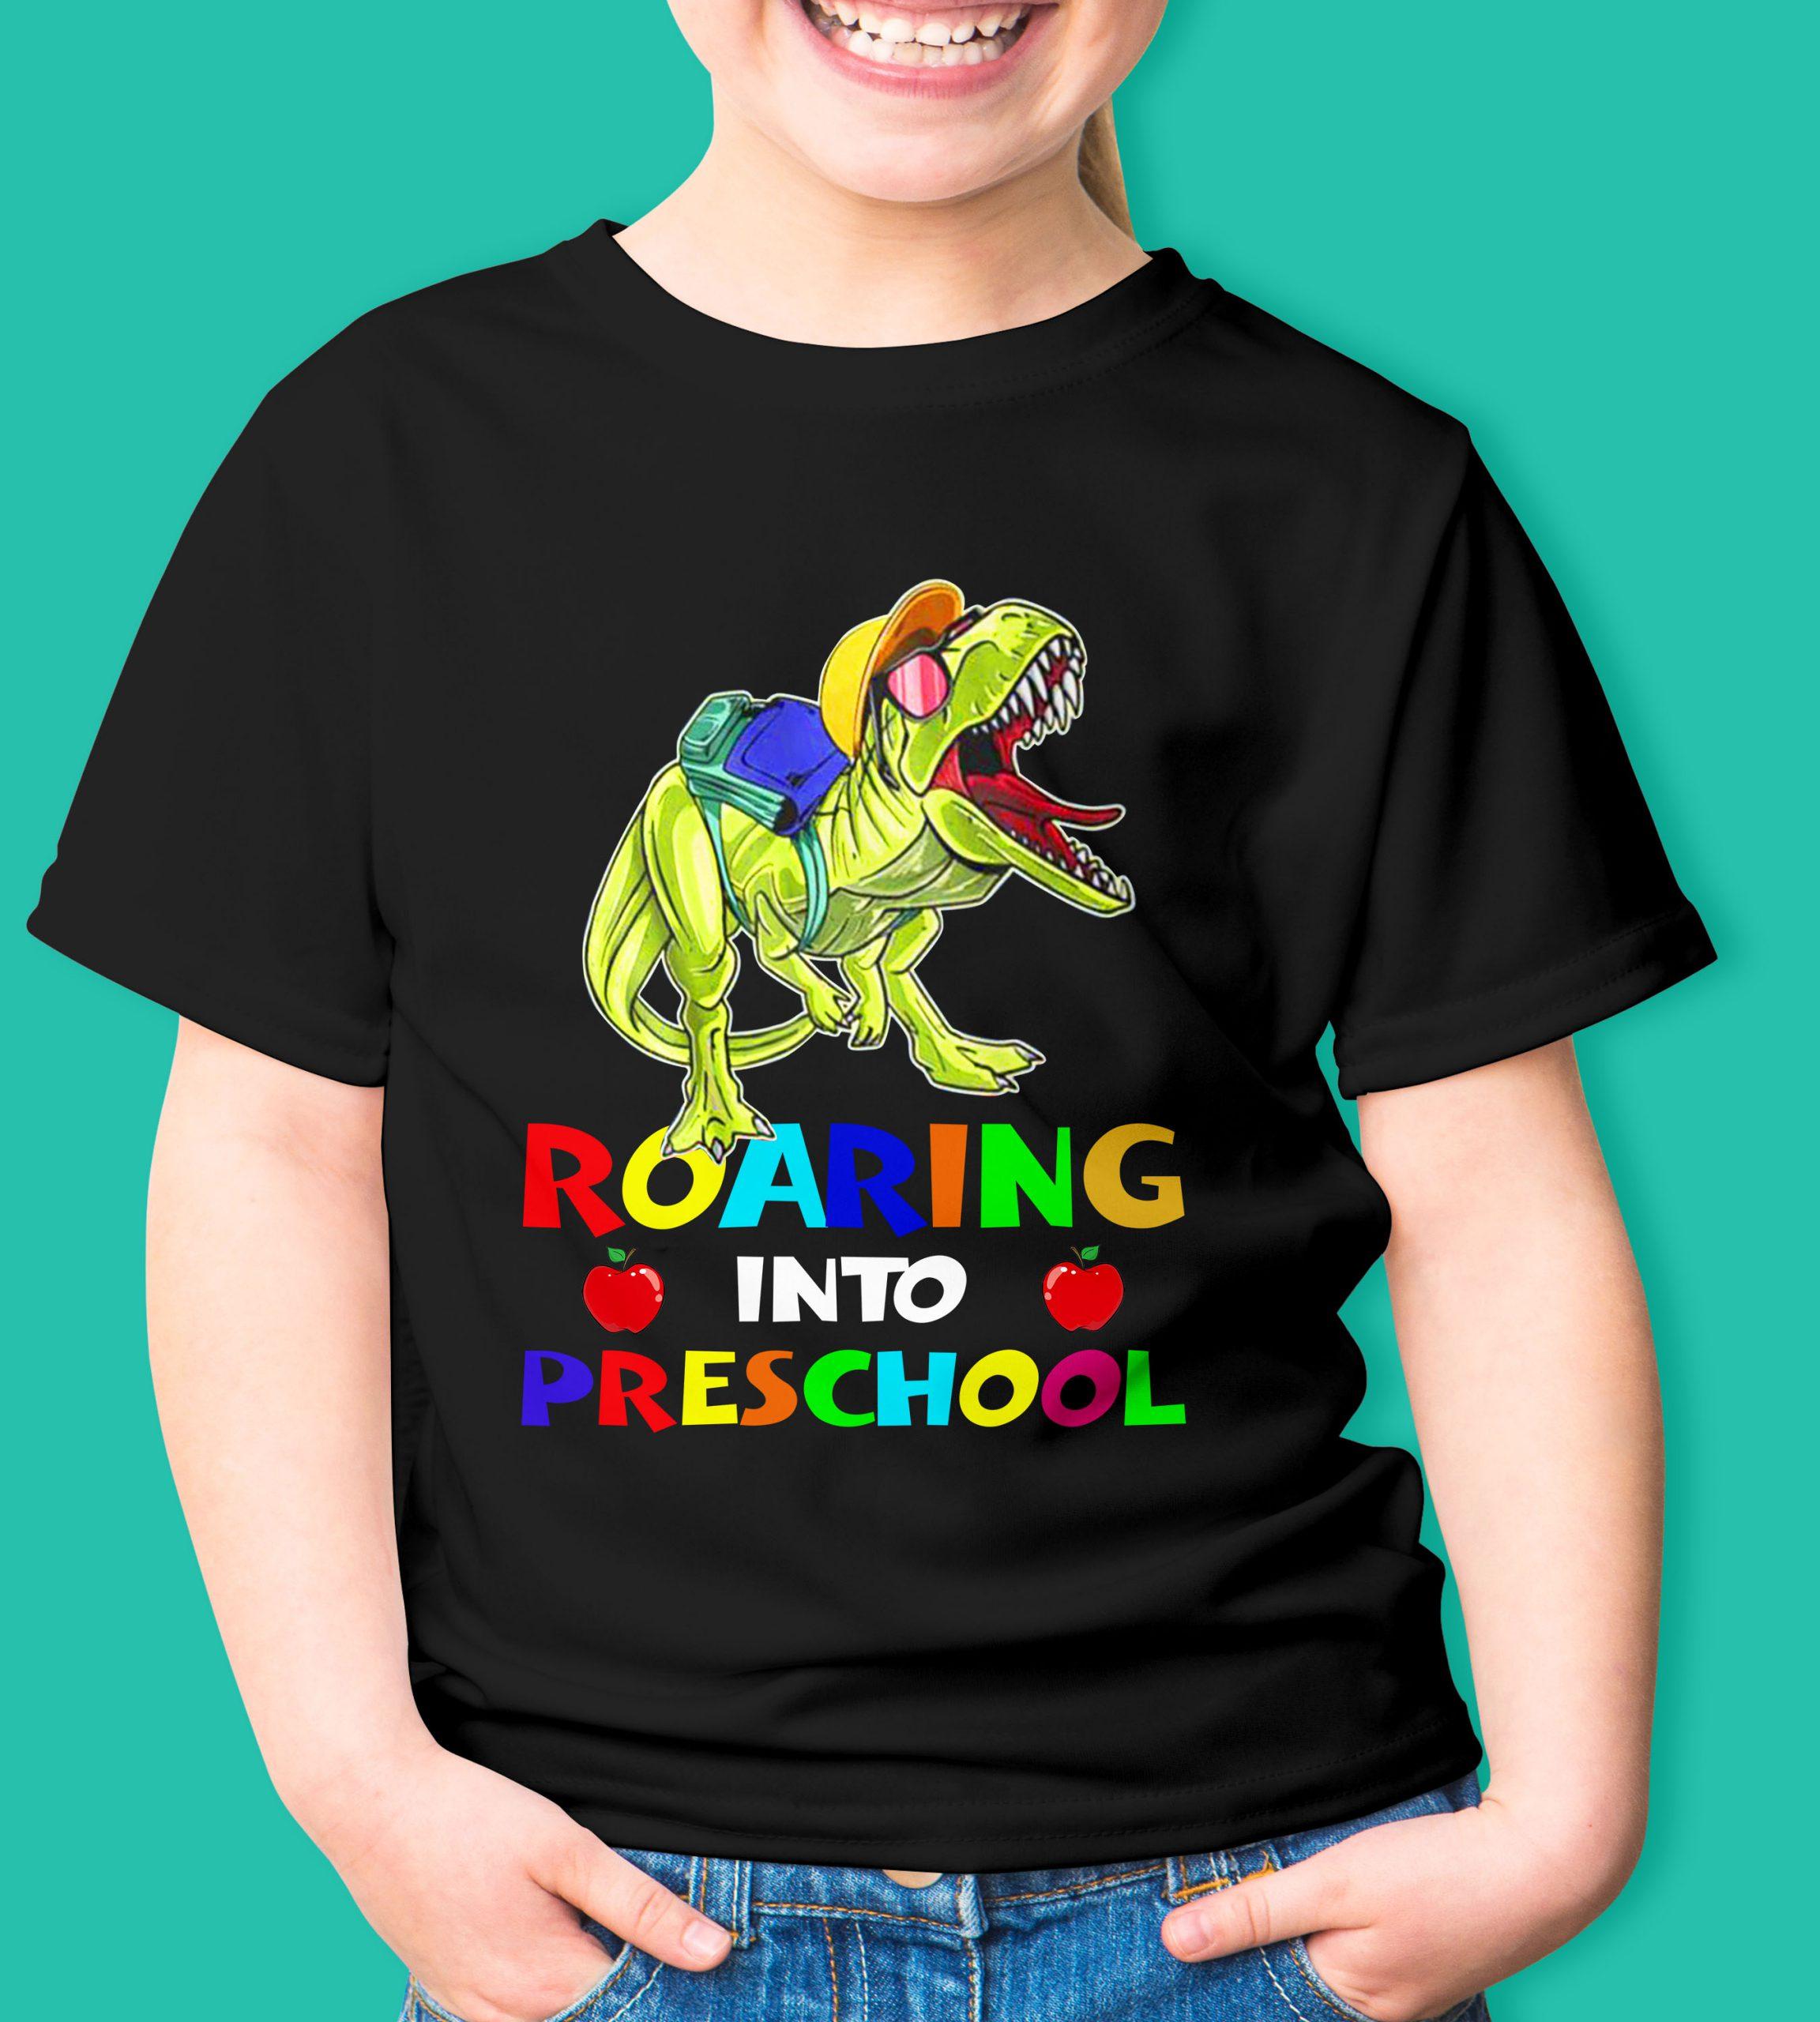 Roaring into preschool